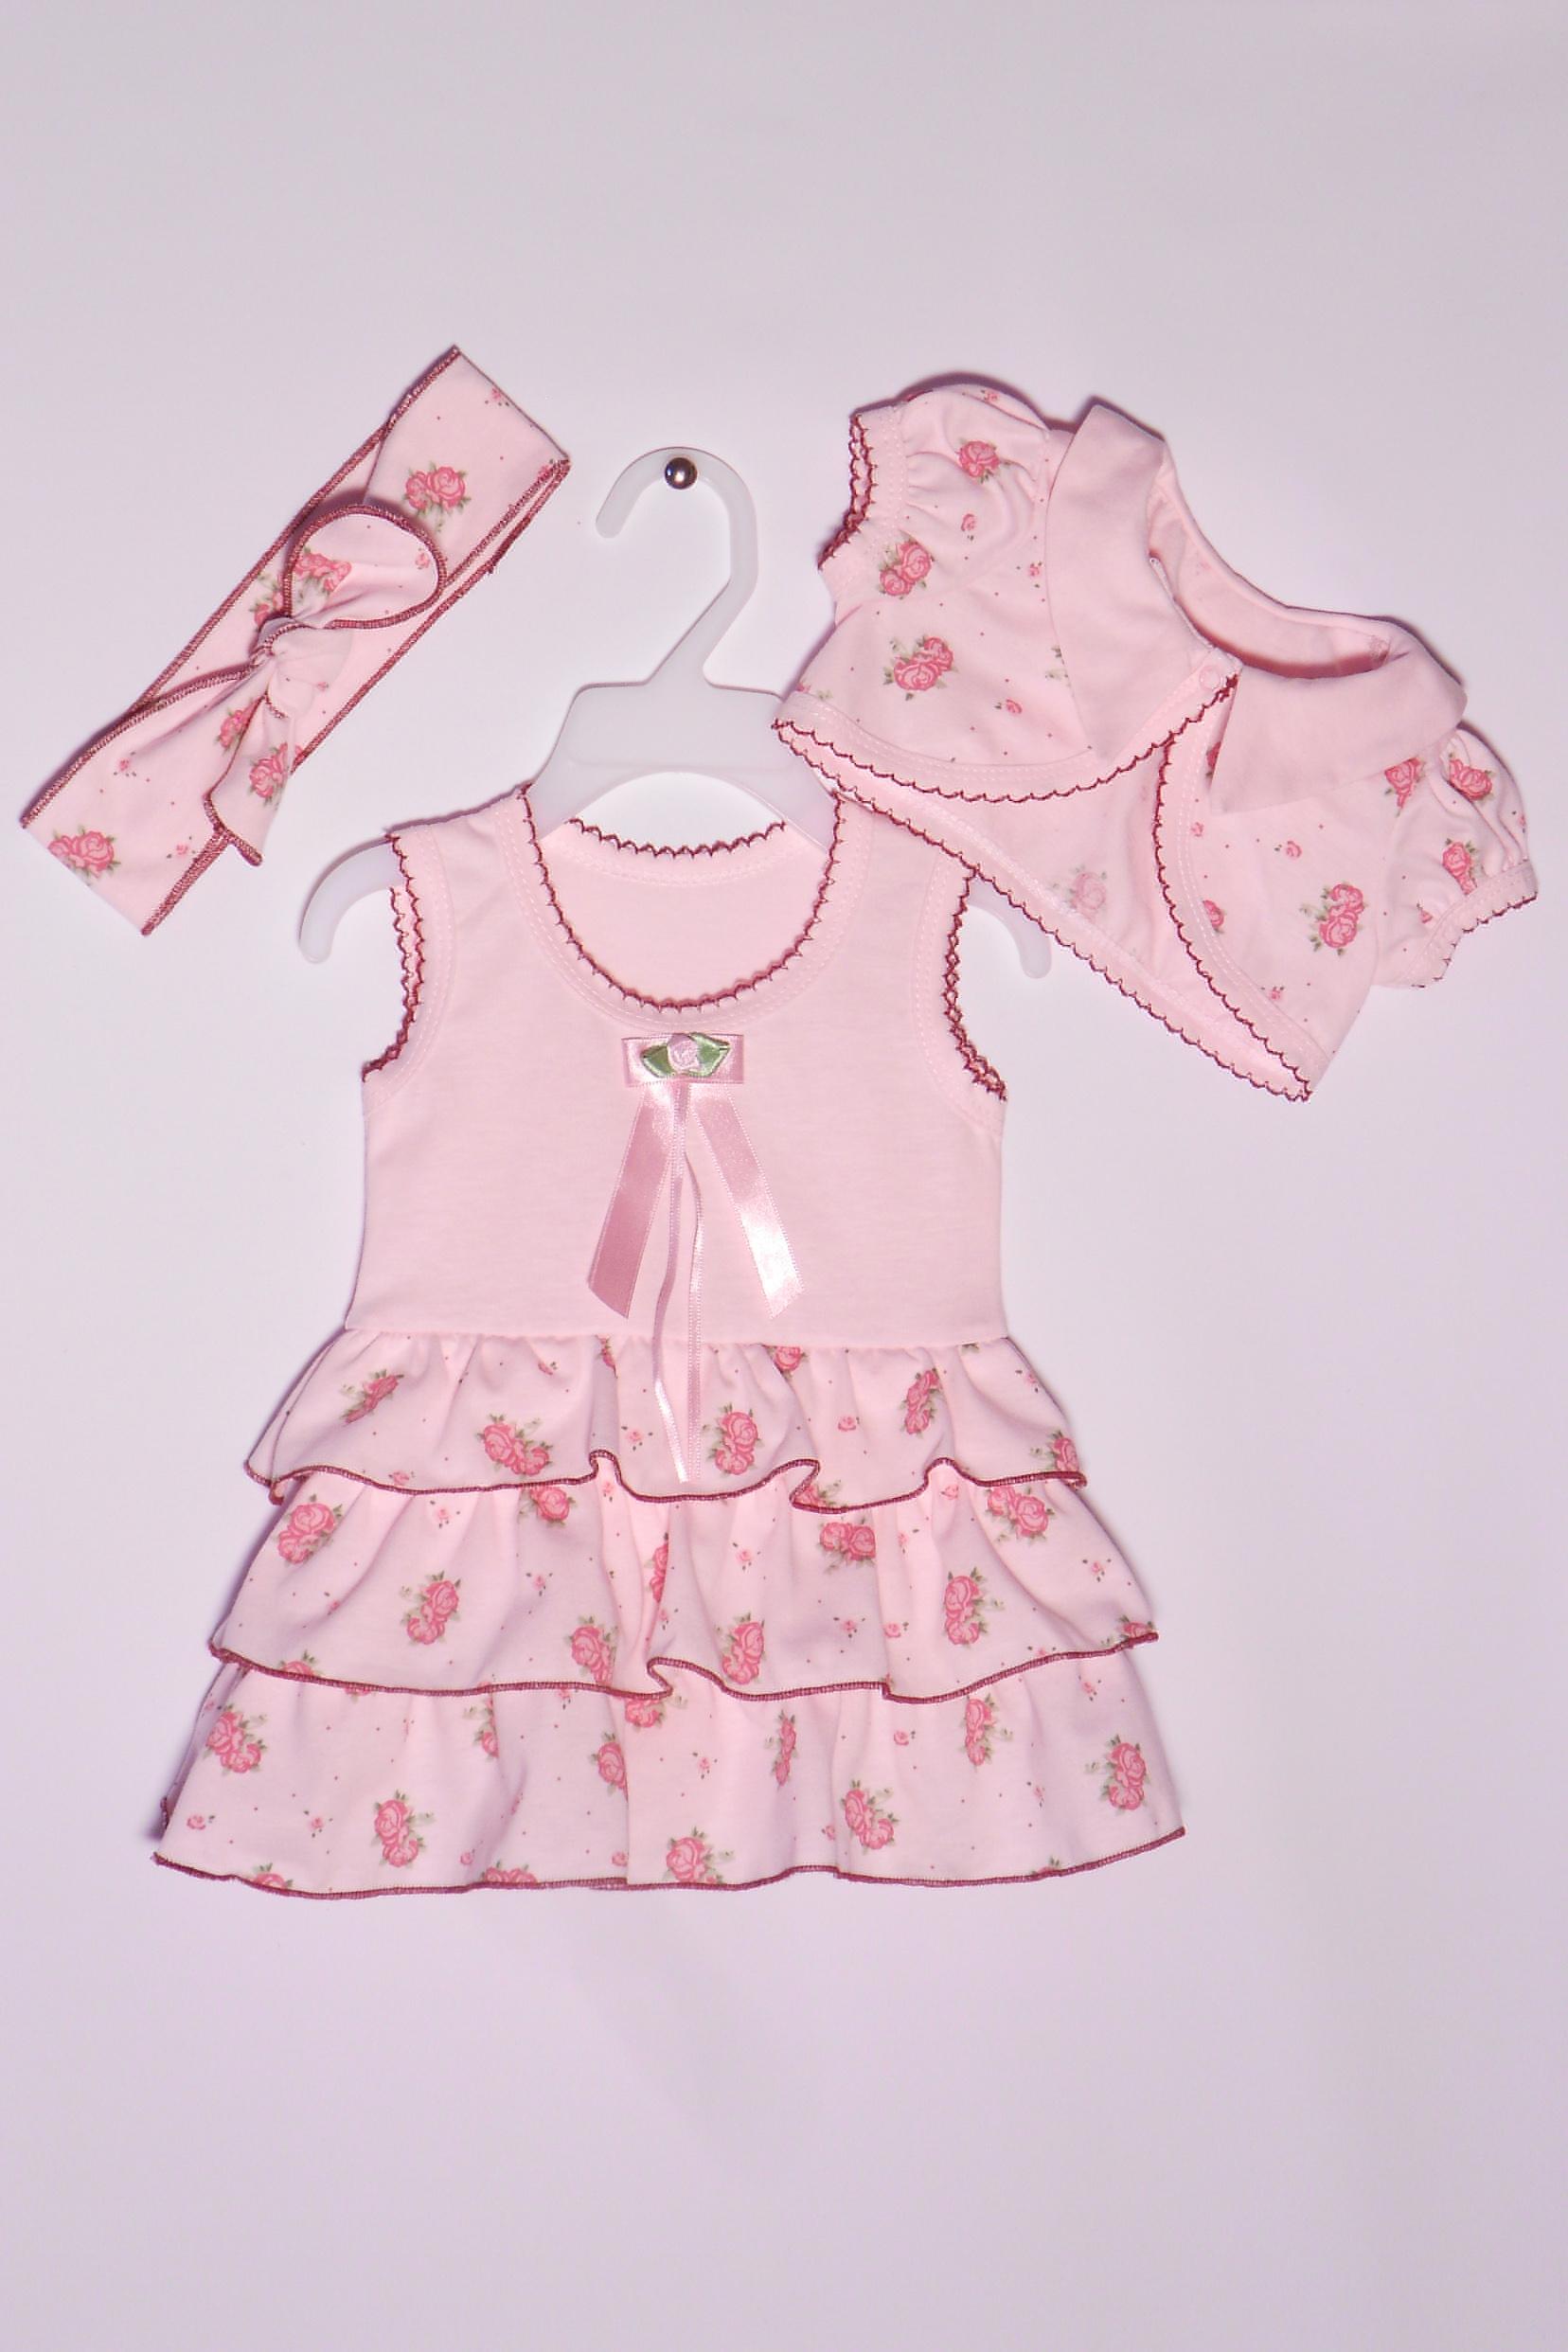 КомплектКомплекты<br>Хлопковый комплект для девочки  Цвет: розовый  Размер соответствует росту ребенка<br><br>По сезону: Всесезон<br>Размер : 68<br>Материал: Хлопок<br>Количество в наличии: 2